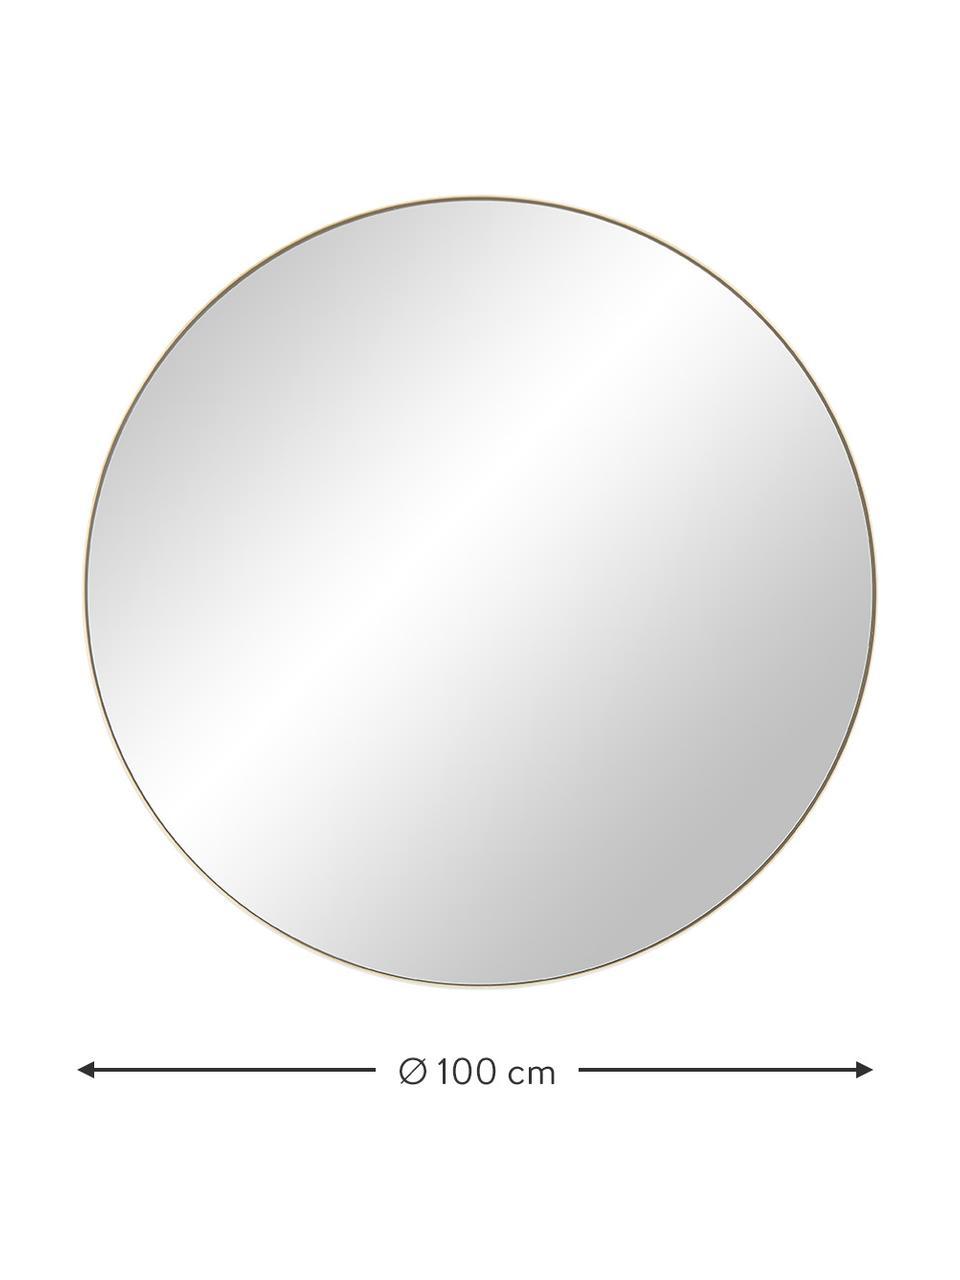 Runder Wandspiegel Ivy mit goldenem Metallrahmen, Rahmen: Metall, pulverbeschichtet, Rückseite: Mitteldichte Holzfaserpla, Spiegelfläche: Spiegelglas, Goldfarben, Ø 100 x T 3 cm